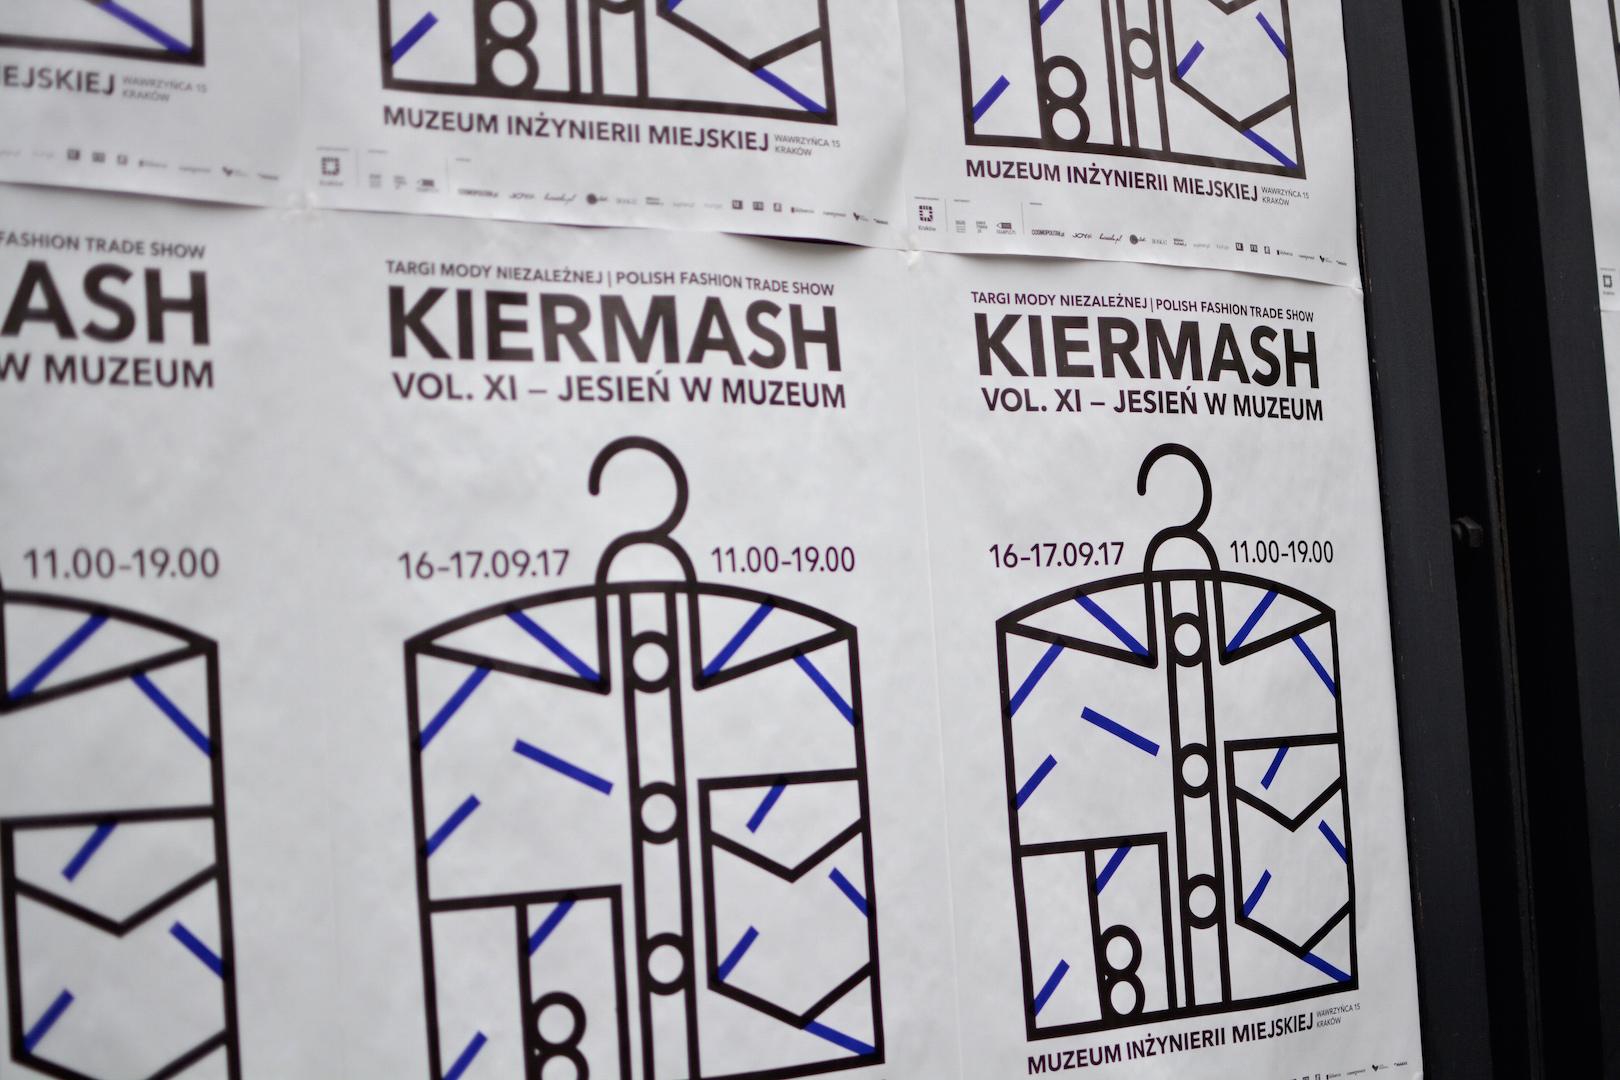 krakowski kazimierz kiermash , muzeum inżynierii miejskiej, kiermash, kraków, kazimierz, targi mody